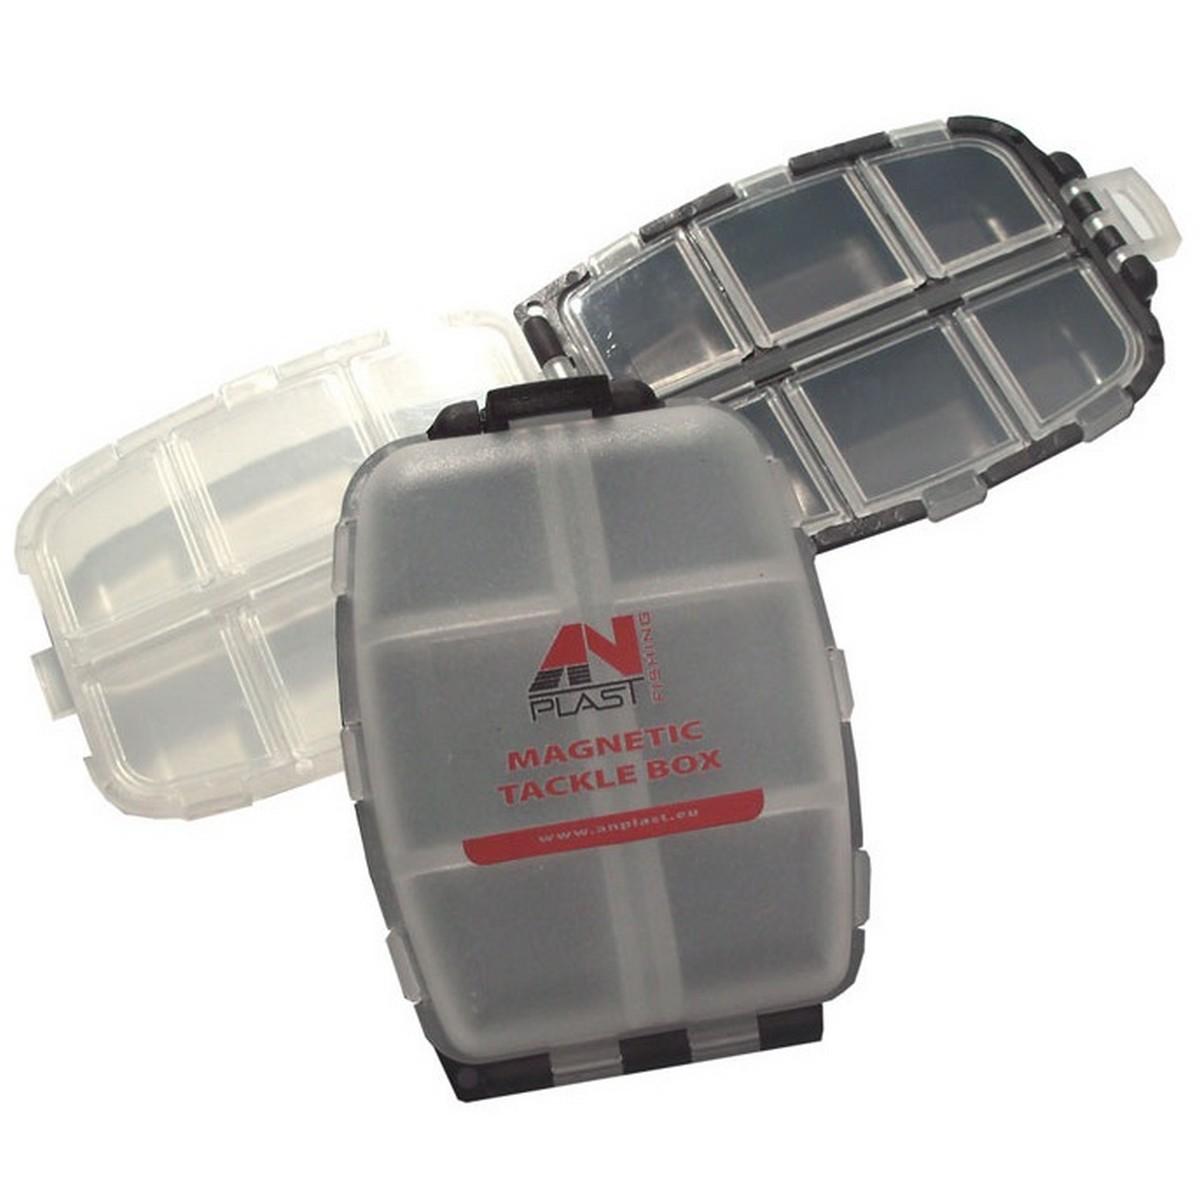 Кутия за аксесоари AN Magnetic полупрозрачна